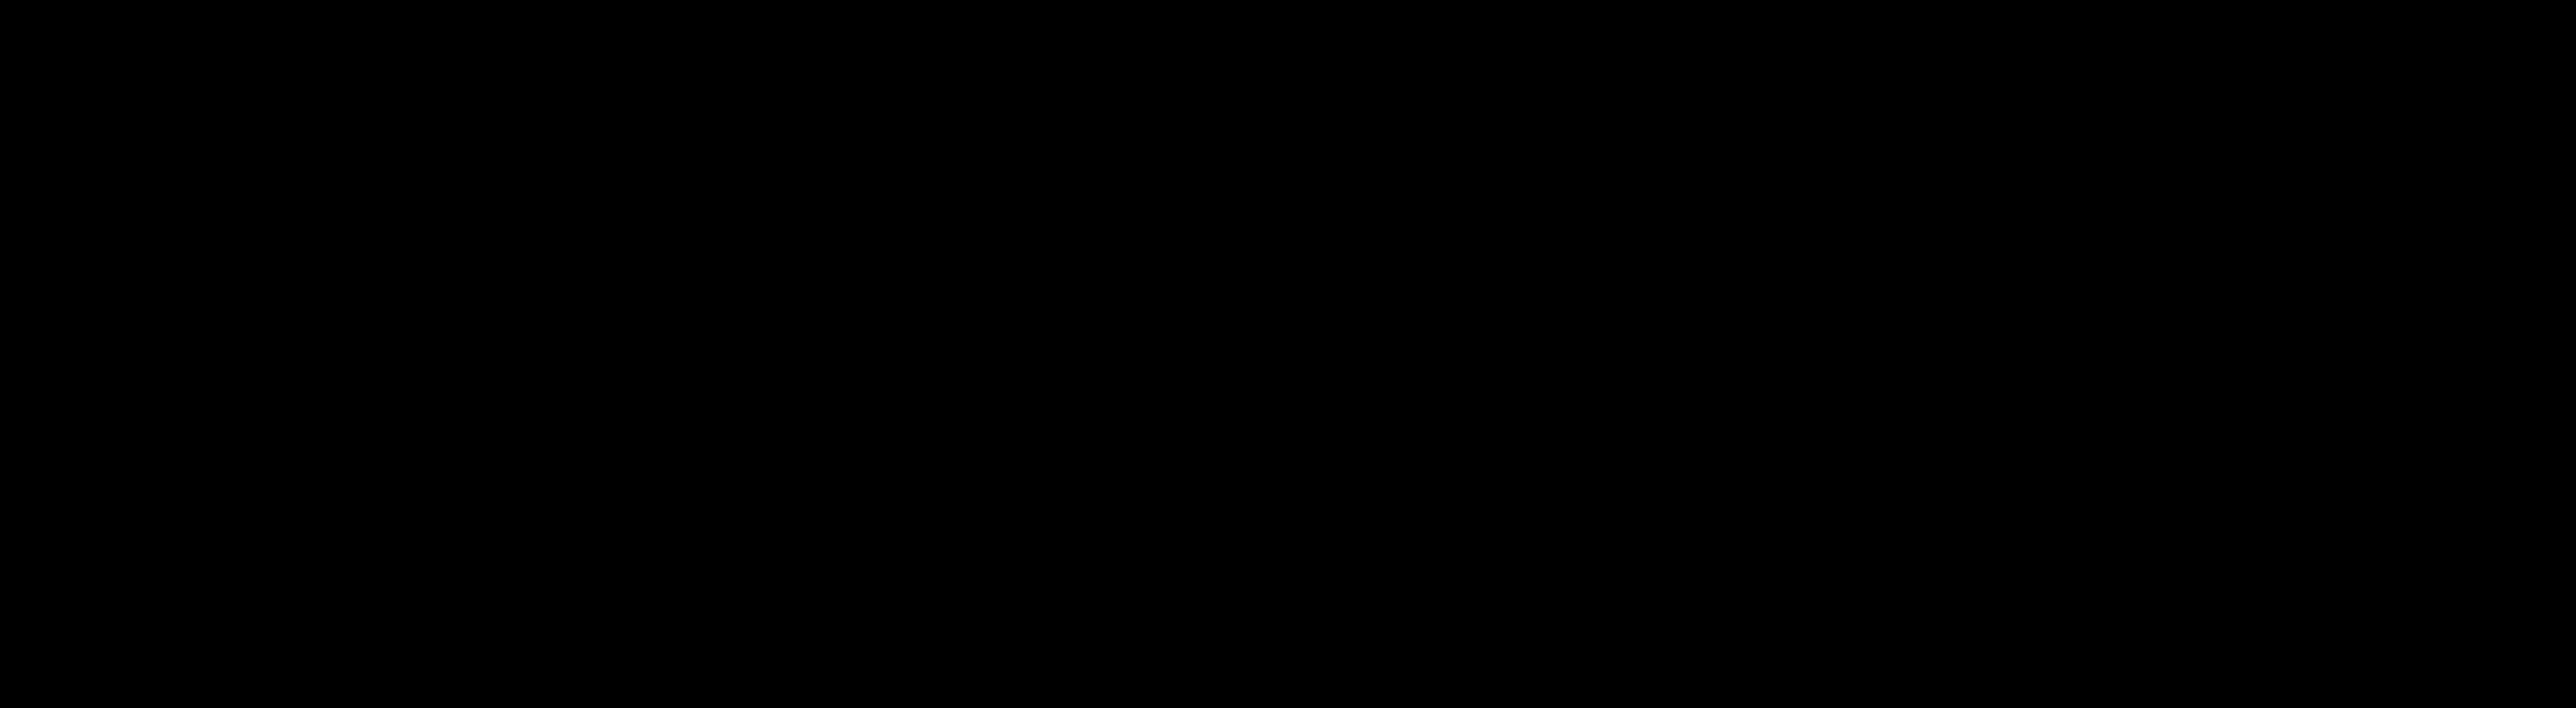 Complete Range of Separators, Deboners & Desinewers